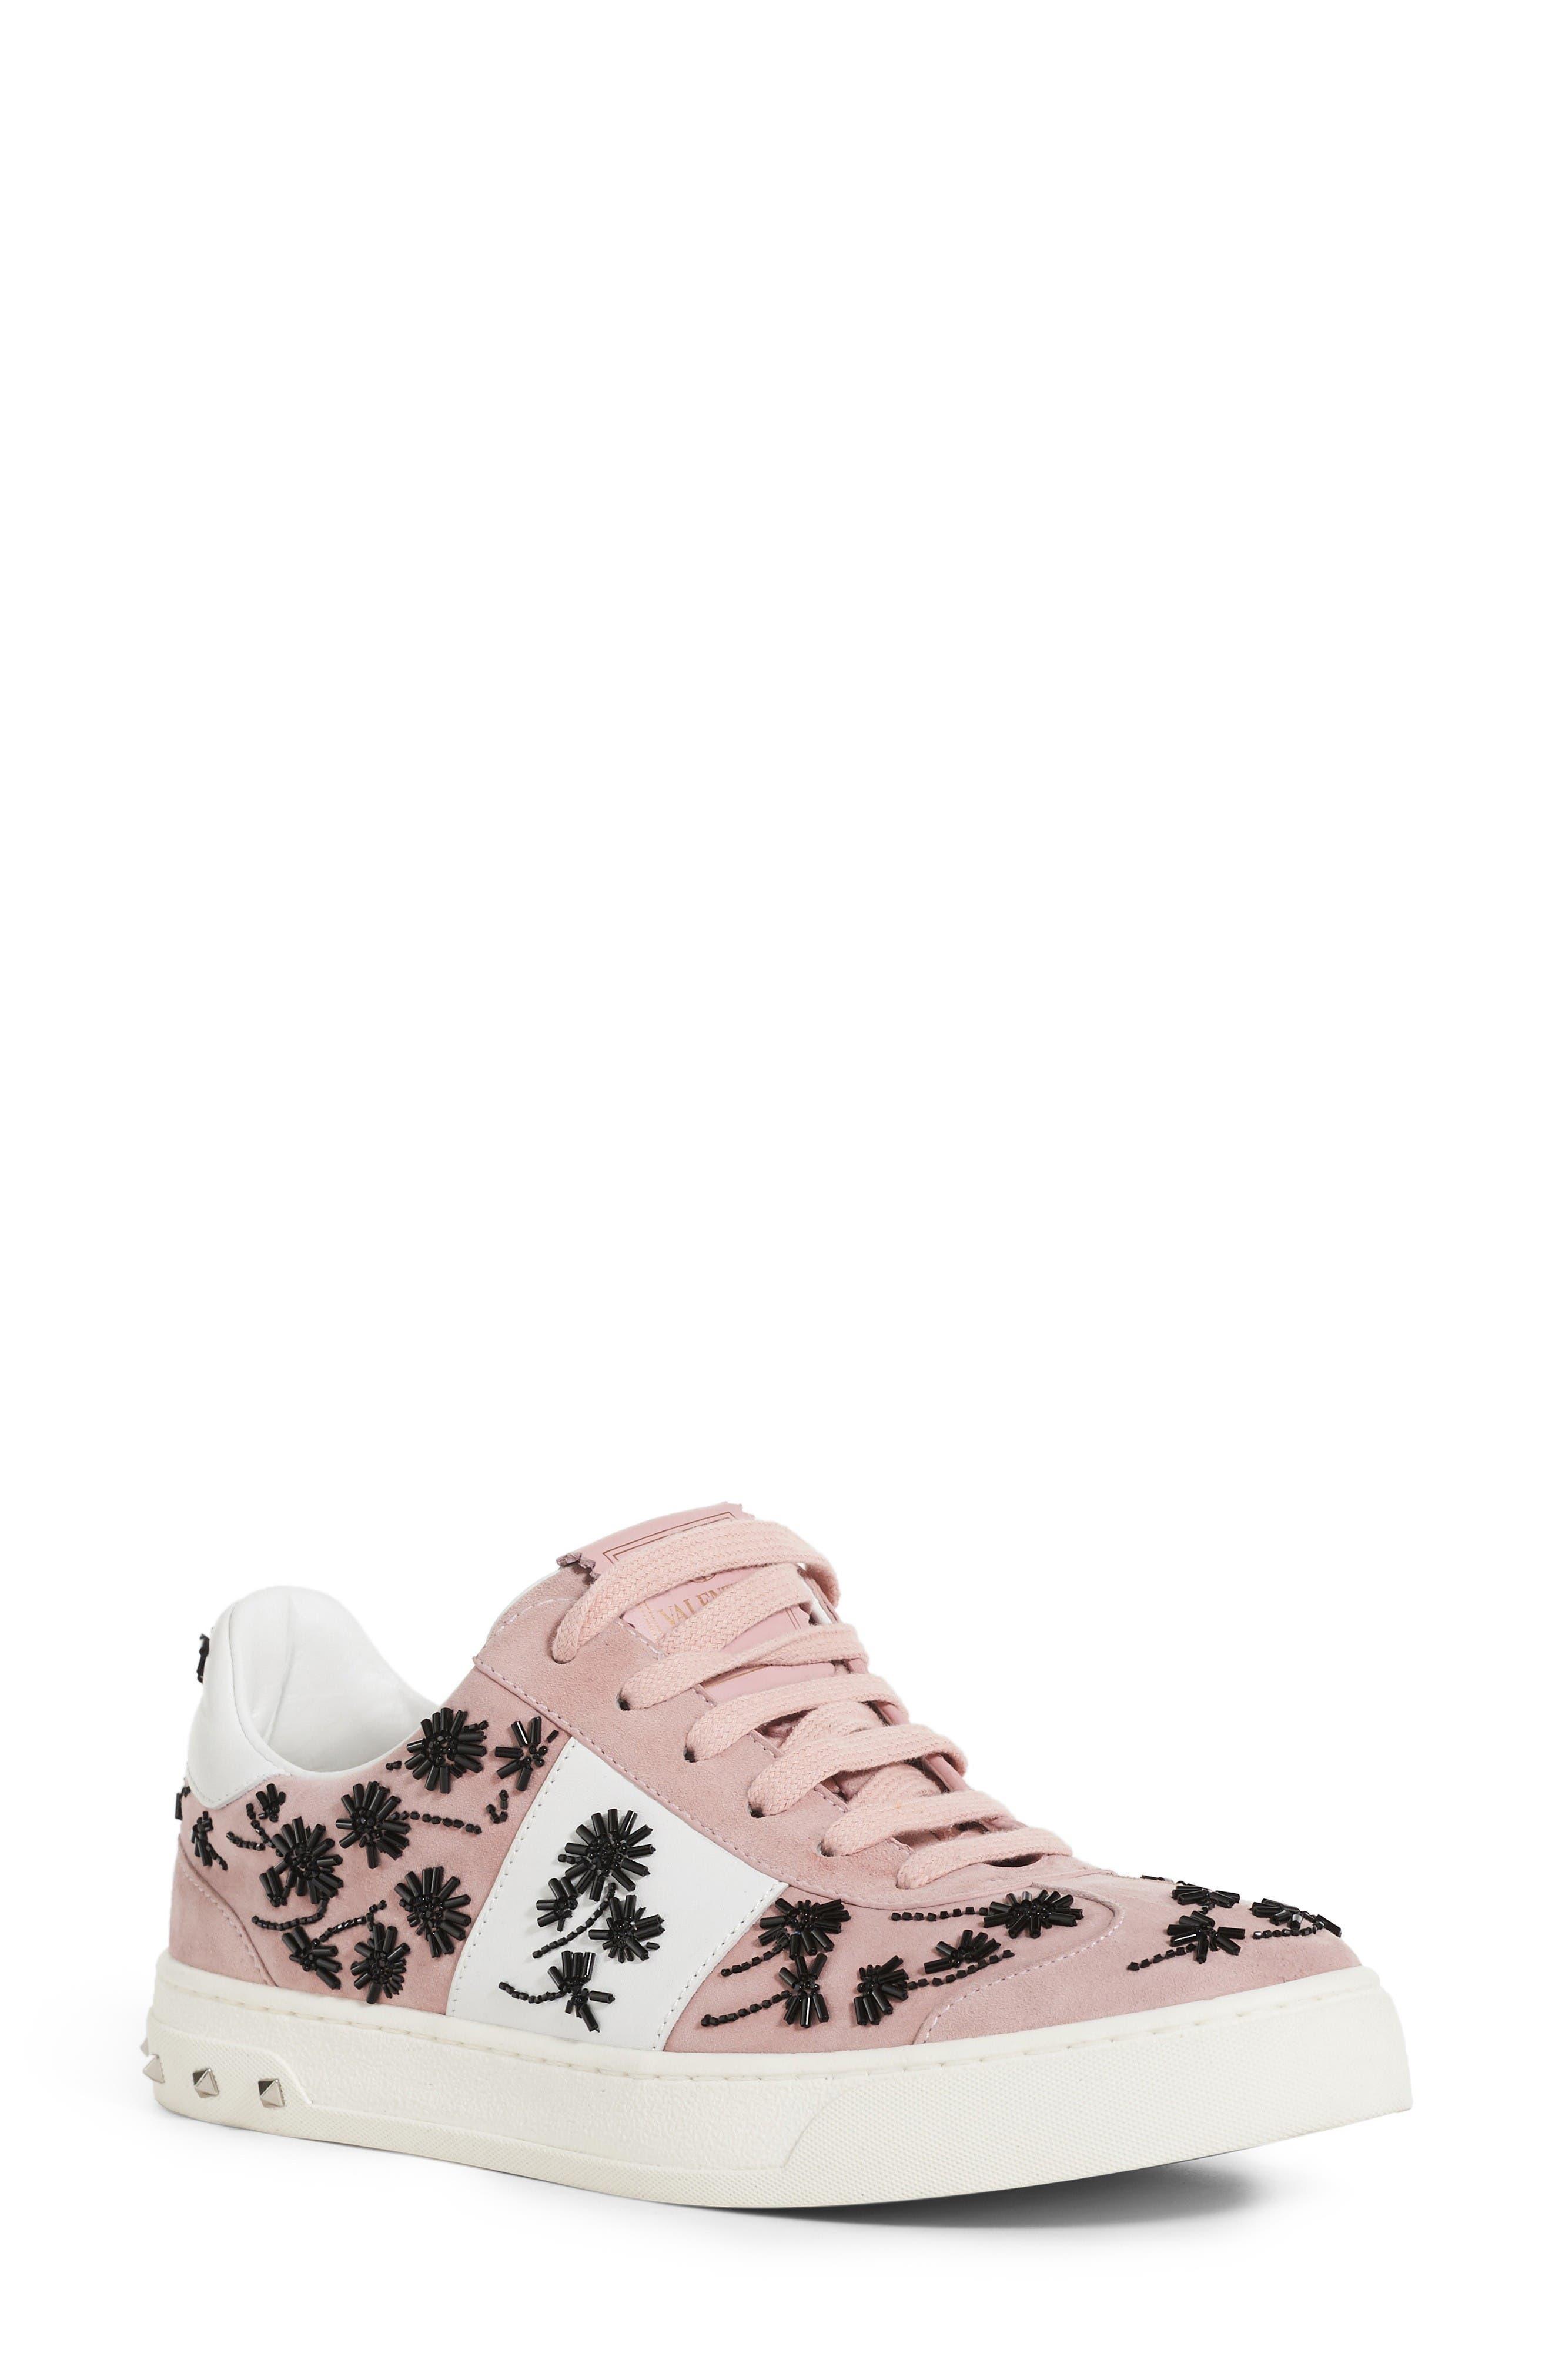 VALENTINO GARAVANI Fly Rockstud Sneaker